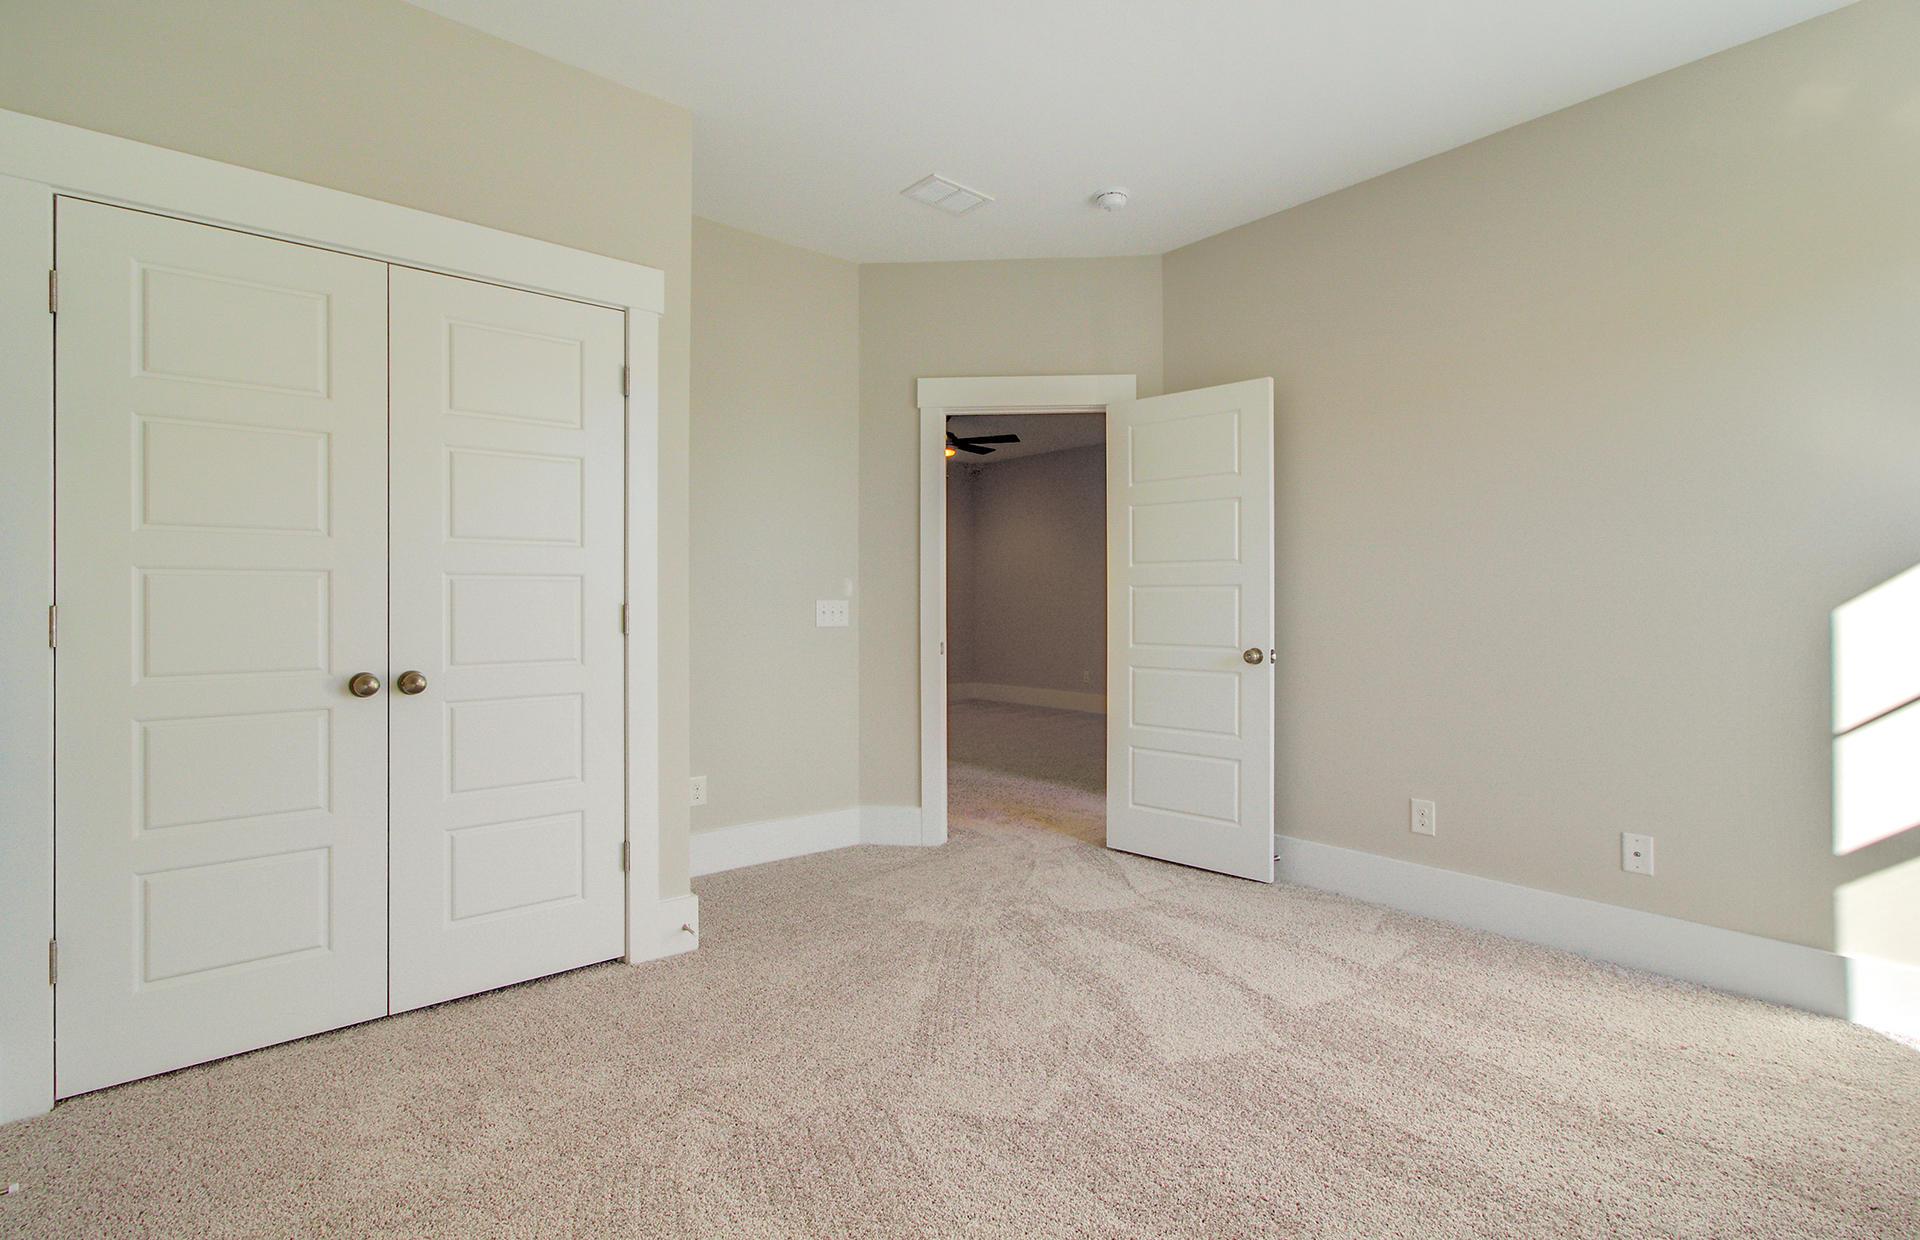 Dunes West Homes For Sale - 2406 Brackish, Mount Pleasant, SC - 19